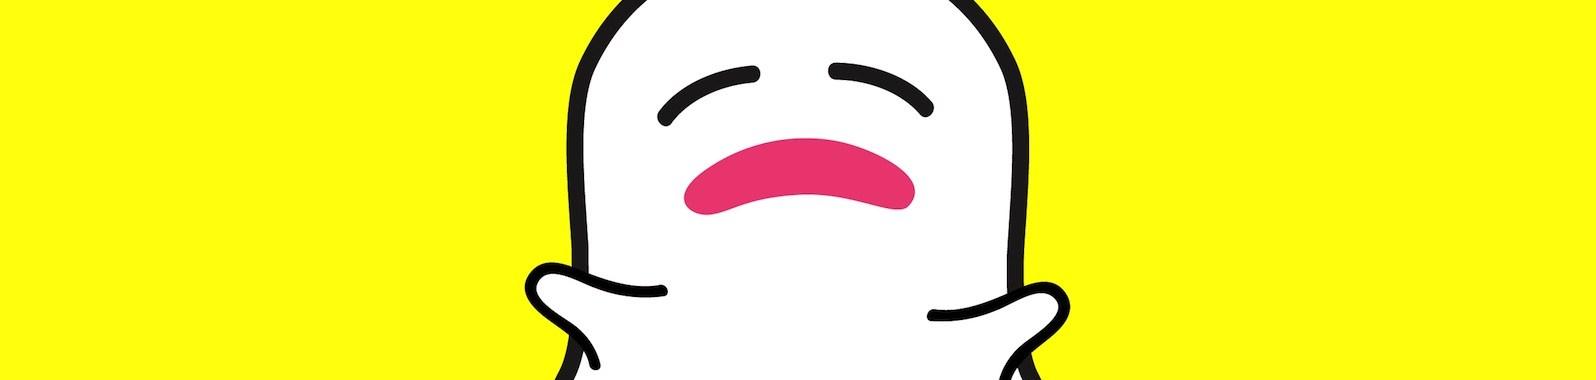 Snapchat-crying-baby